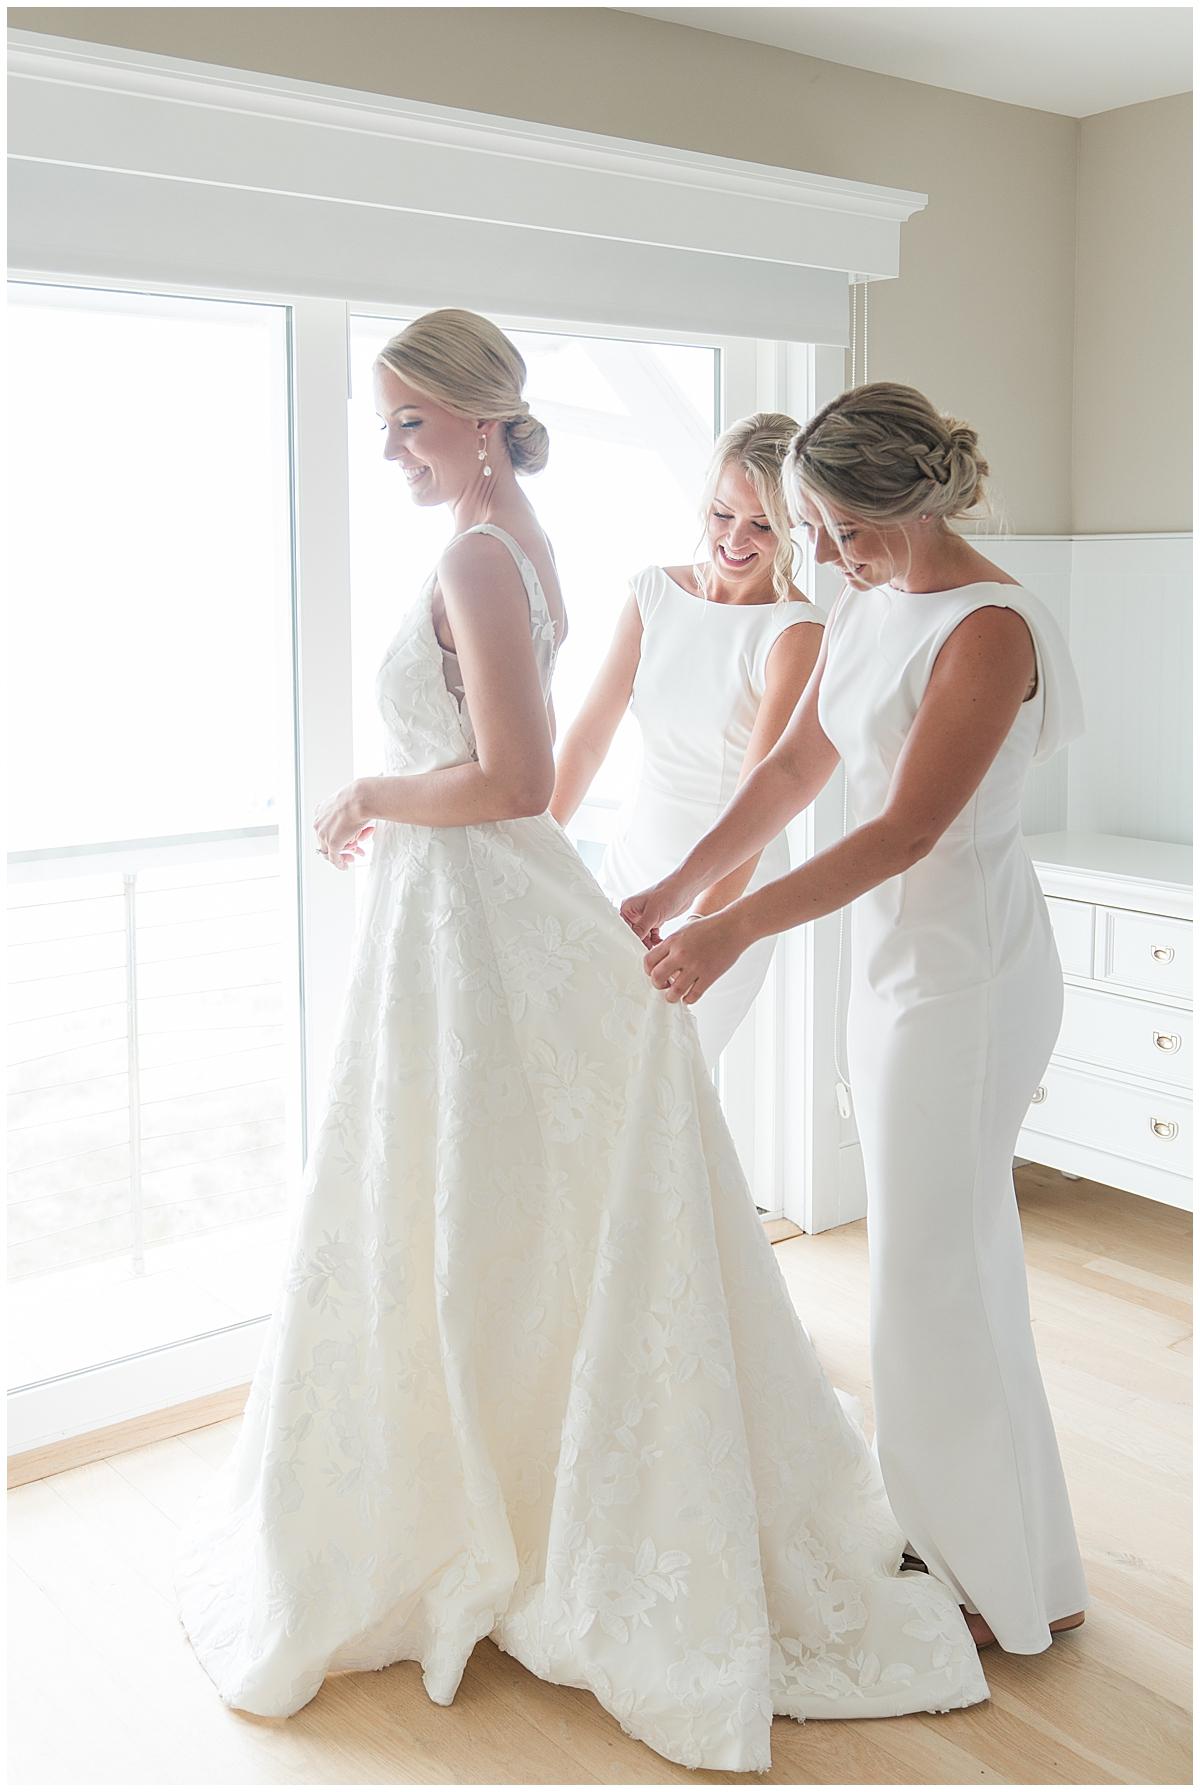 sisters help bride with wedding dress before Cedar Room Charleston wedding